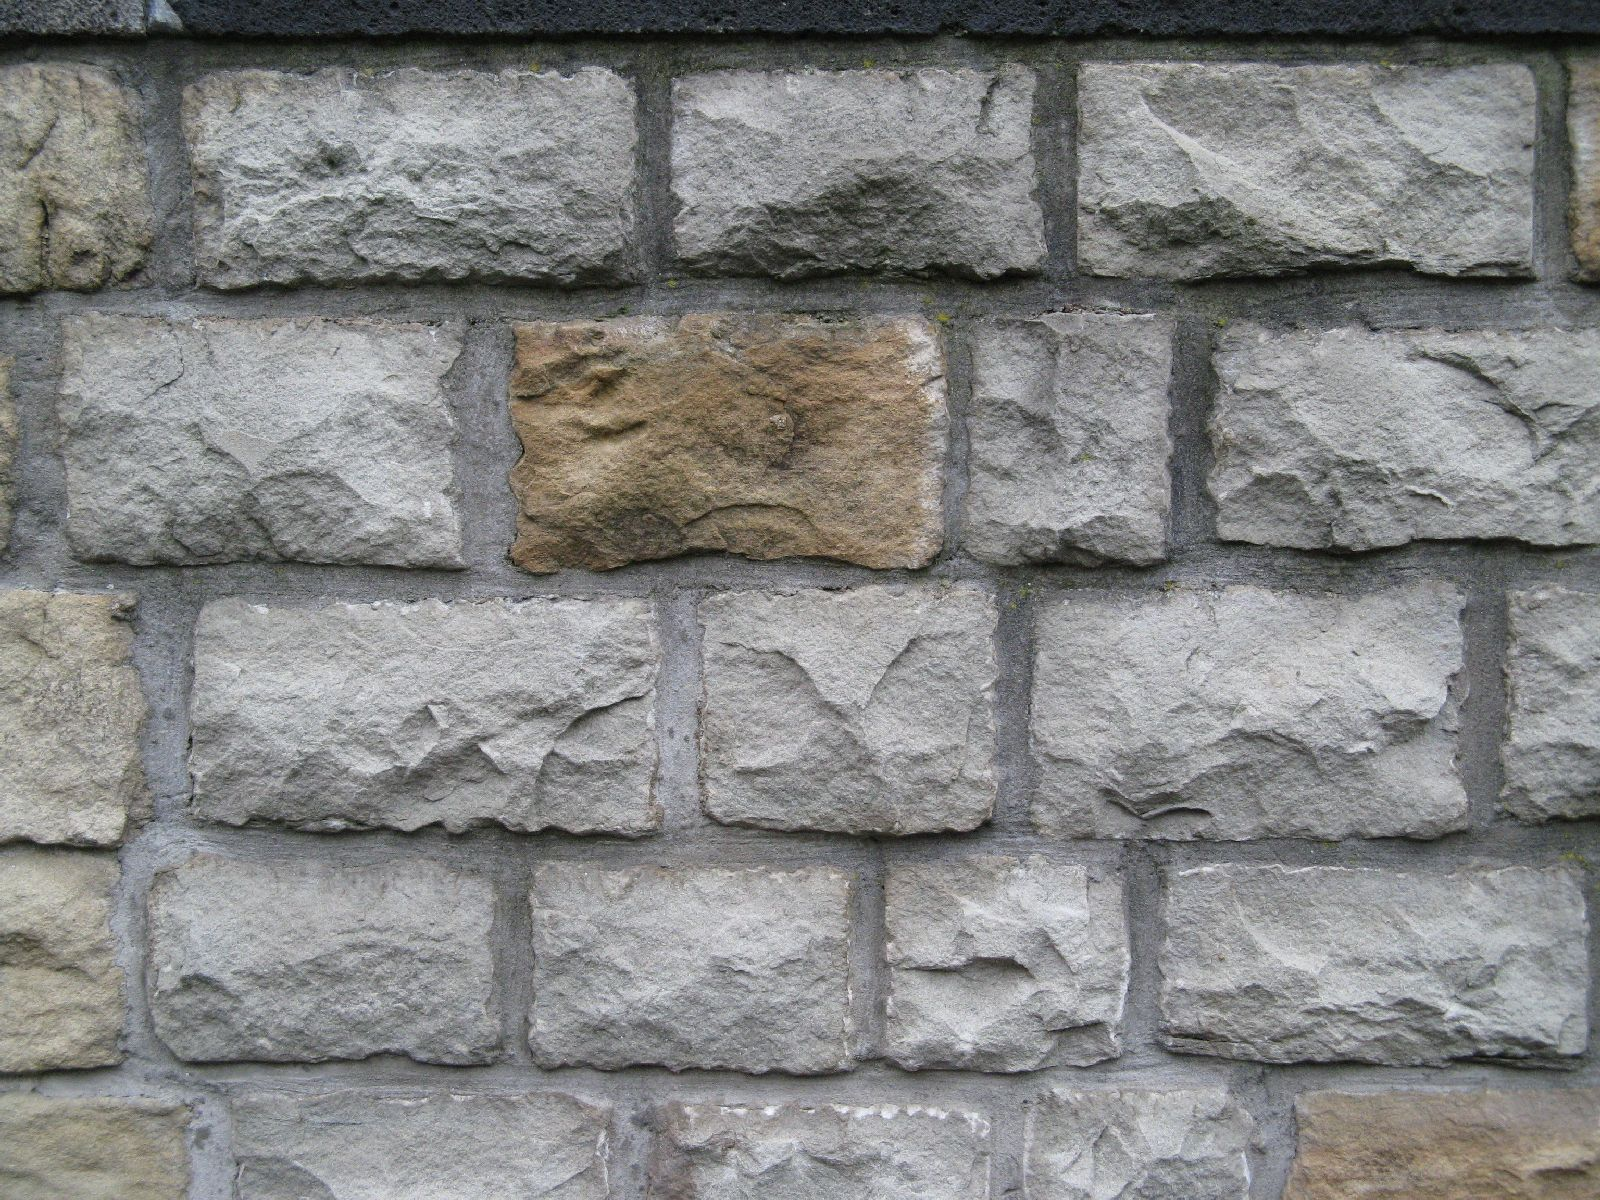 Wand-Steinbloecke-Quader_Textur_B_1703